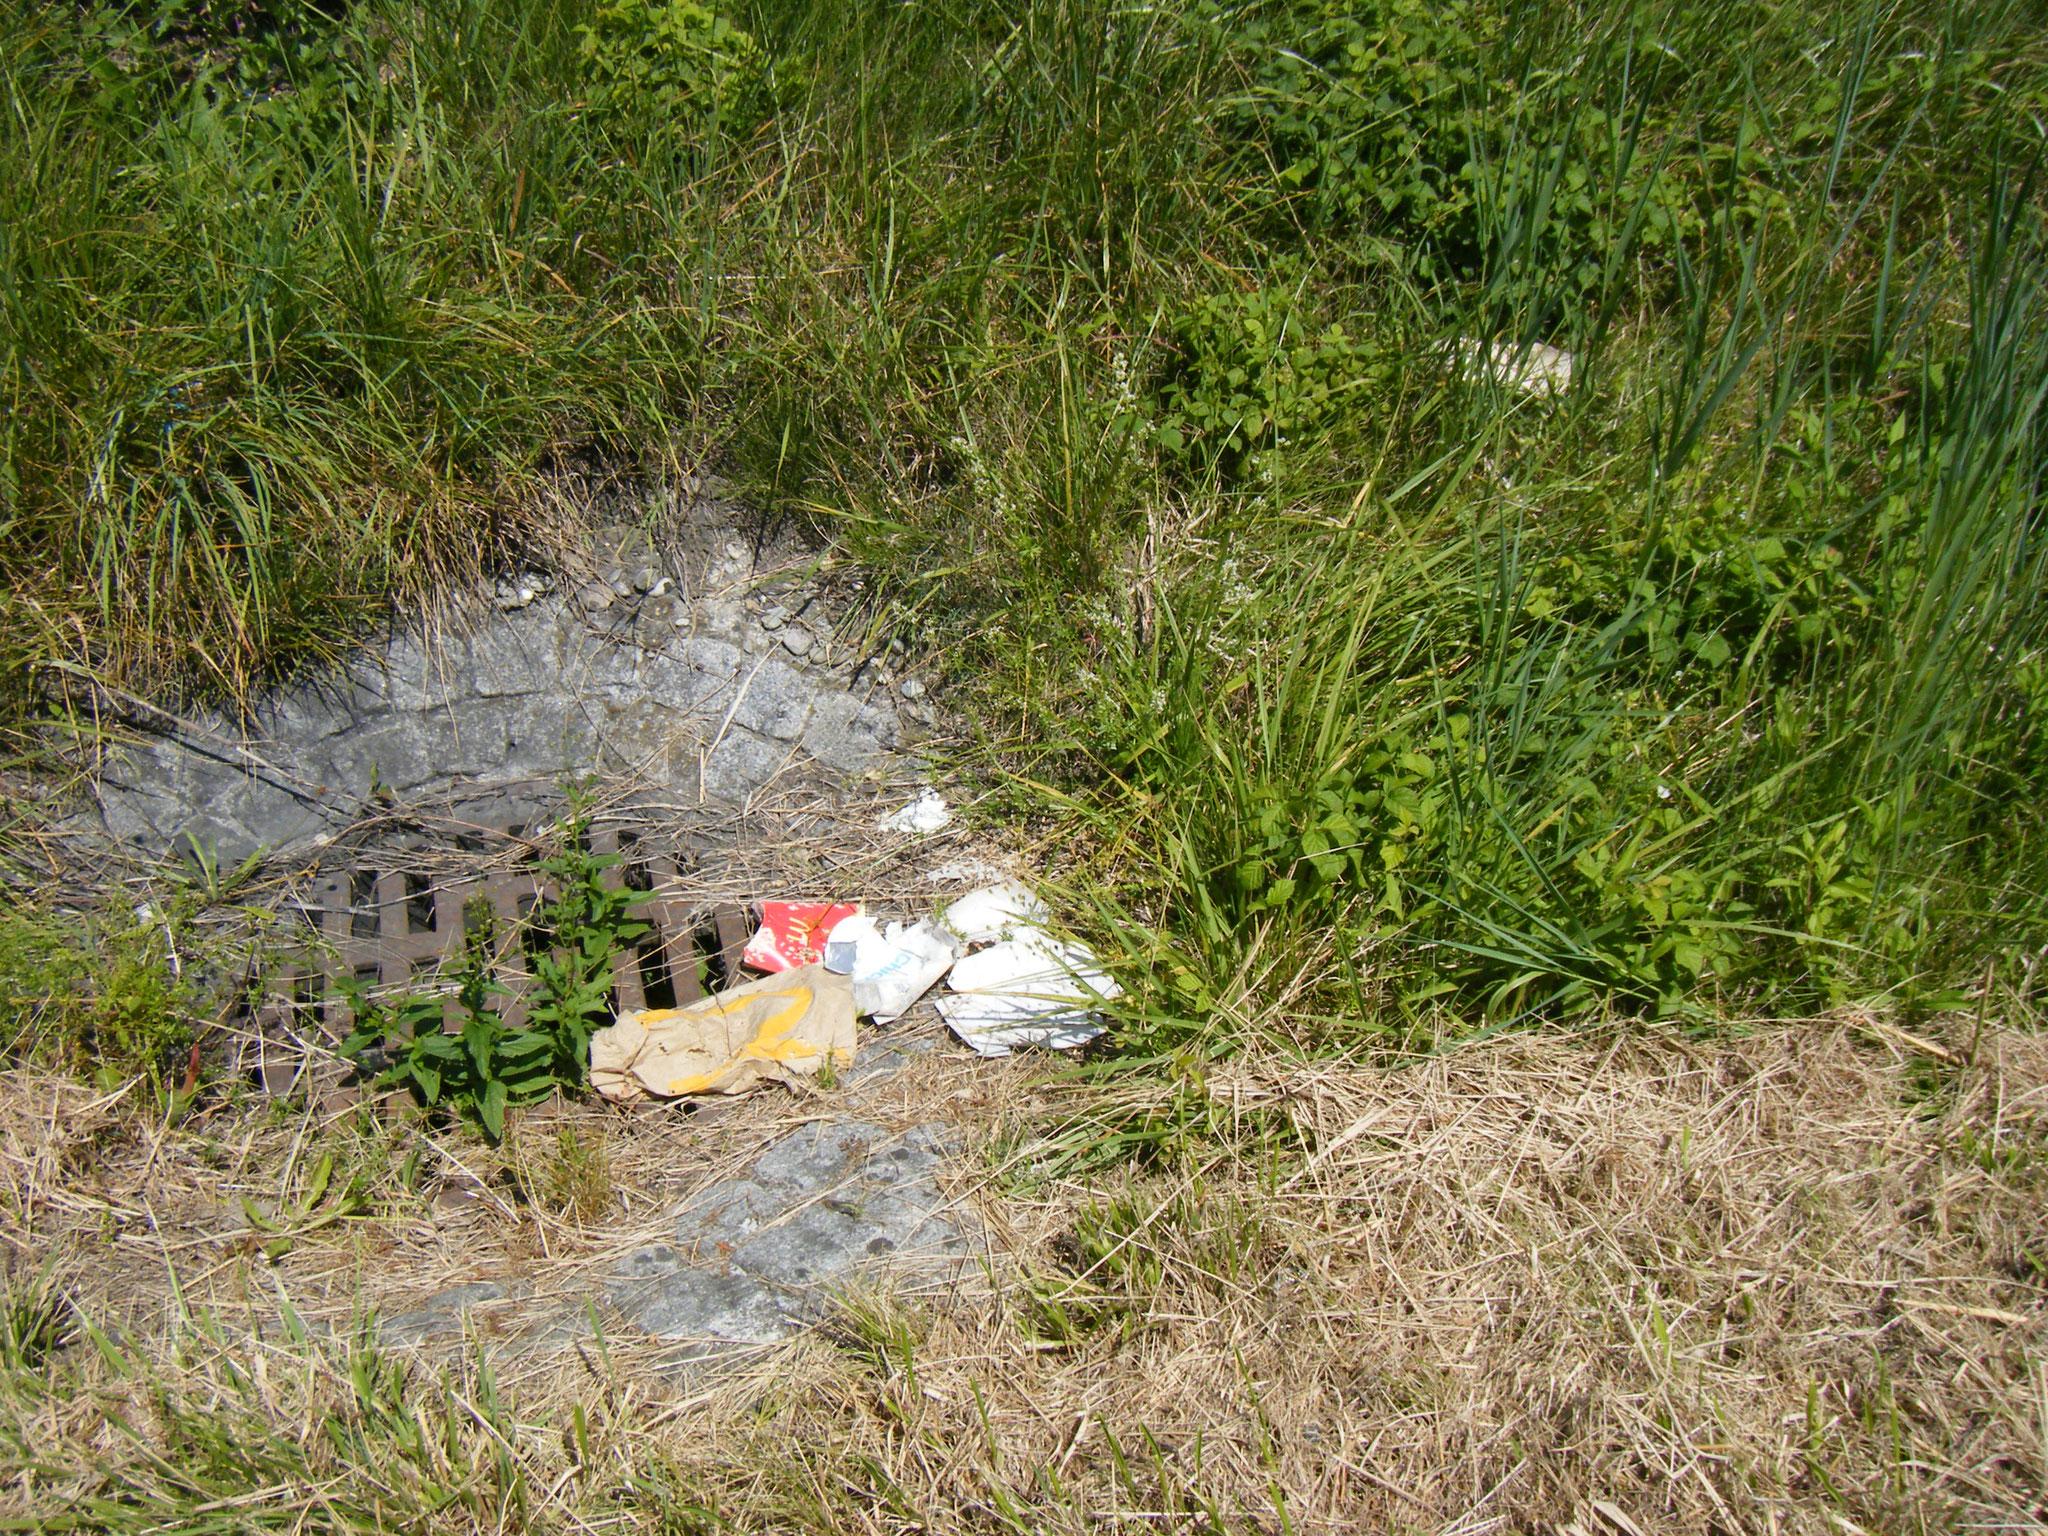 geschredderter Müll wohin man schaut